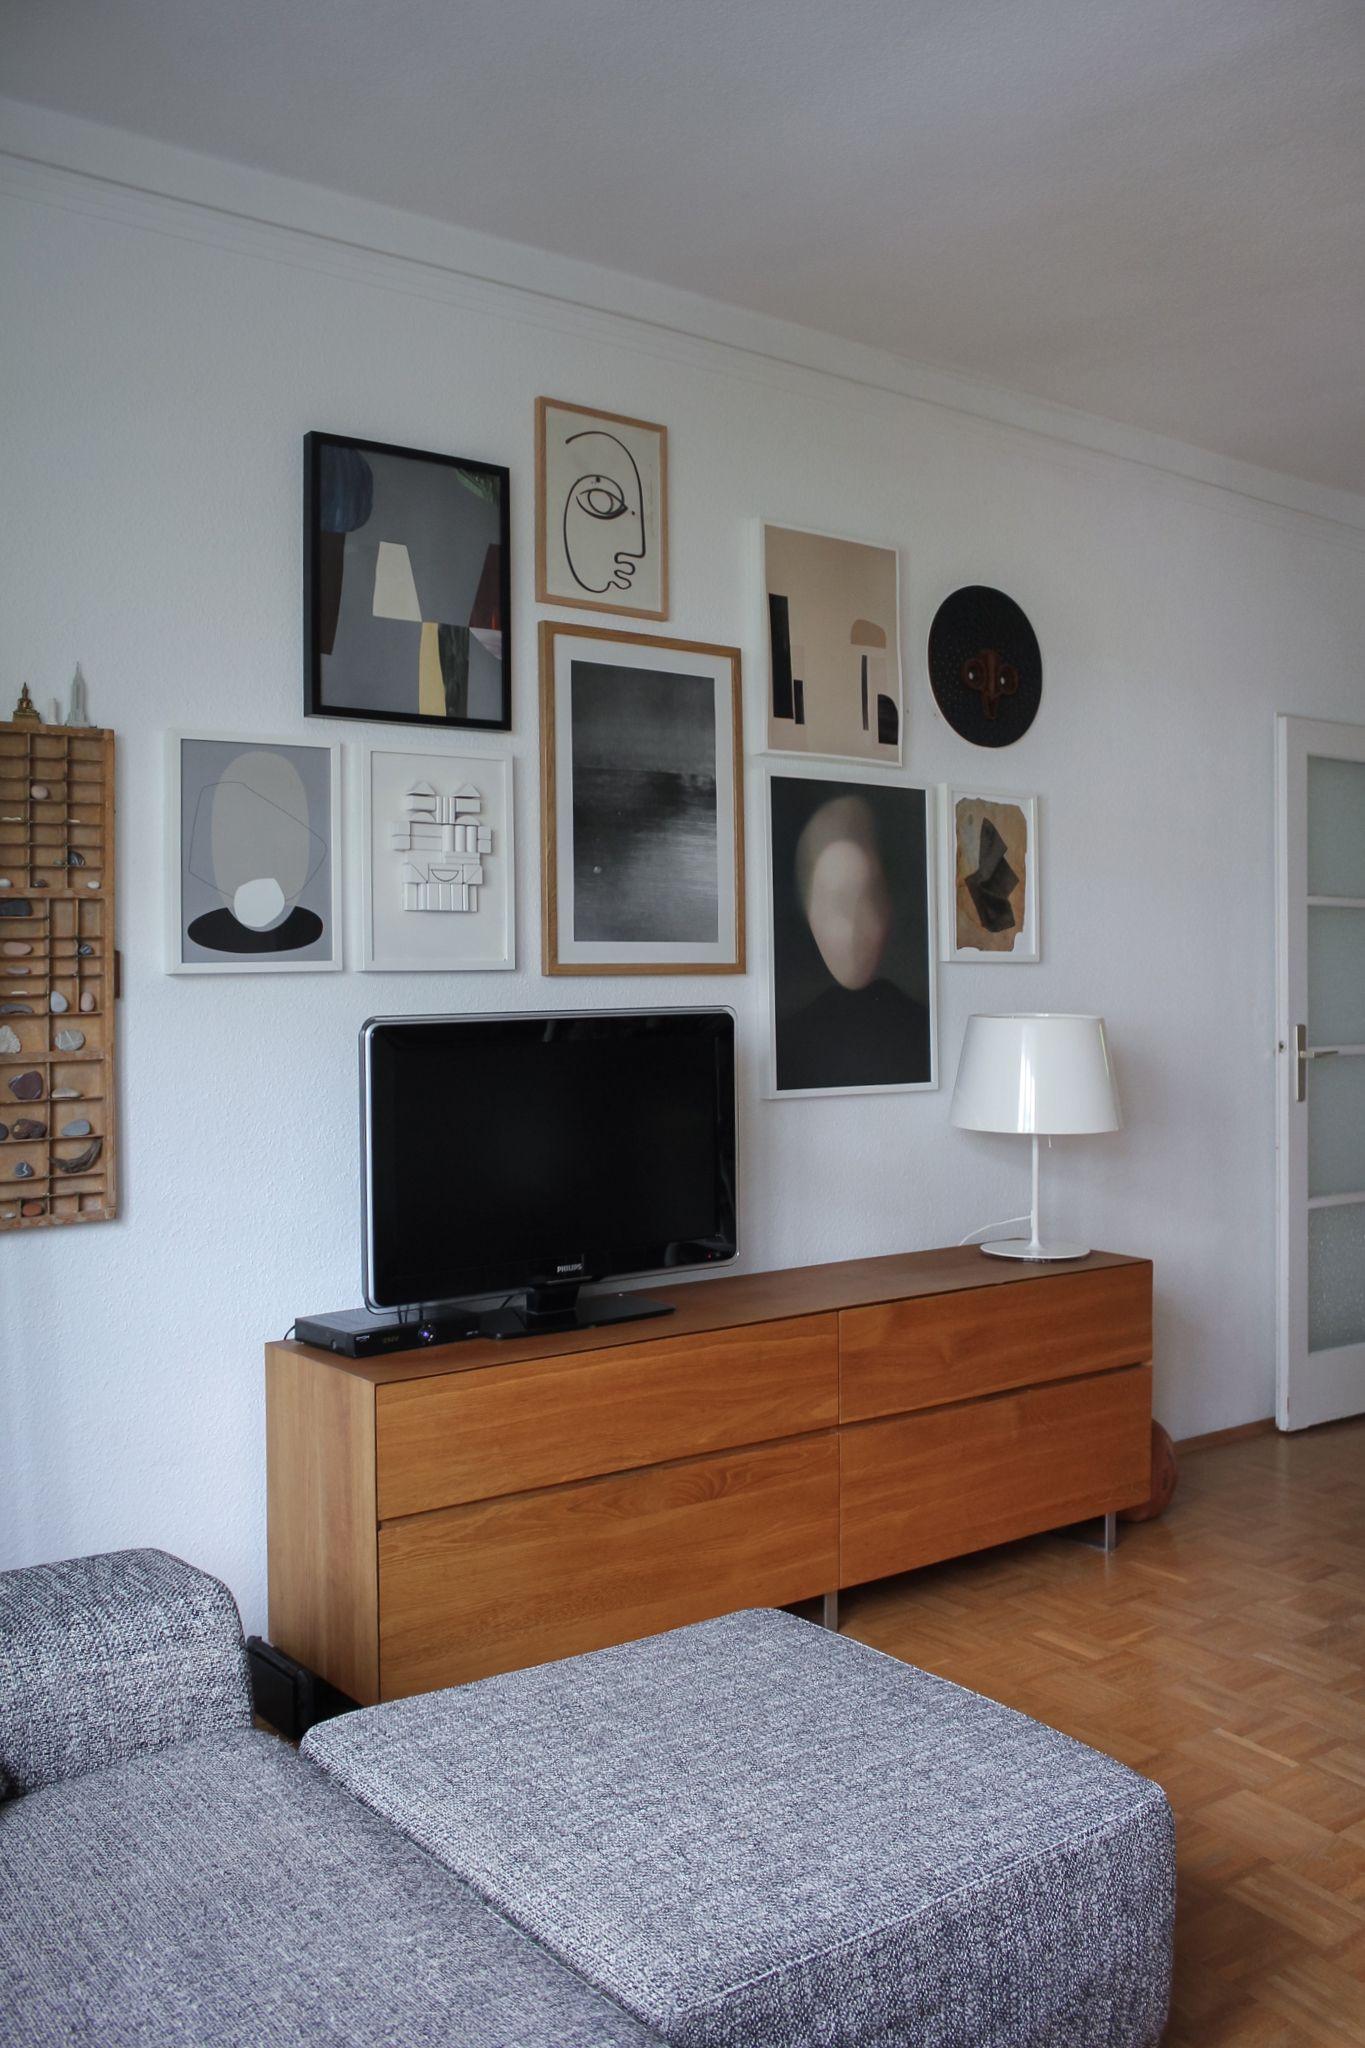 Bilderwand Mit Optisch Integriertem Fernseher Wohnzimer Wohnung Einrichten Wohnzimmer Dekoration Ideen